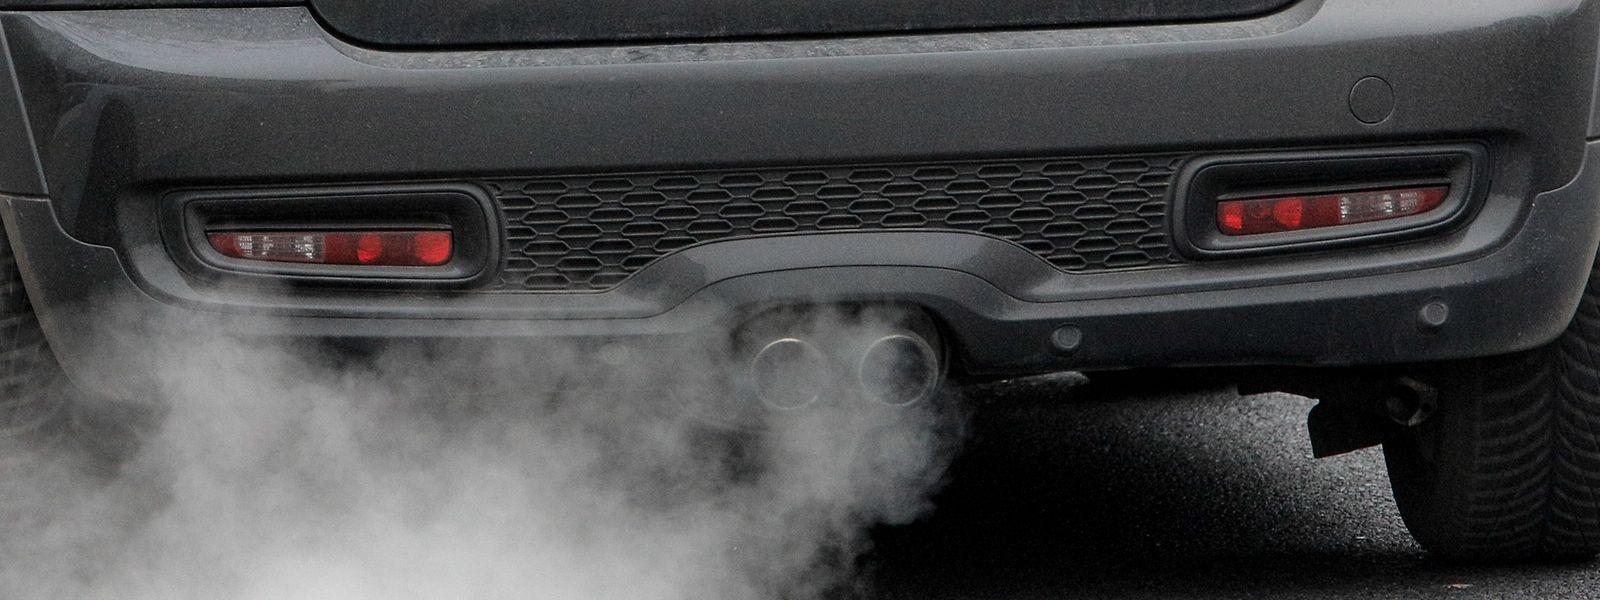 Selon les calculs de l'ACL et de l'ULC les mesures annoncées par le gouvernement engendreraient un surcoût de 450 à 750 euros pour les automobilistes.